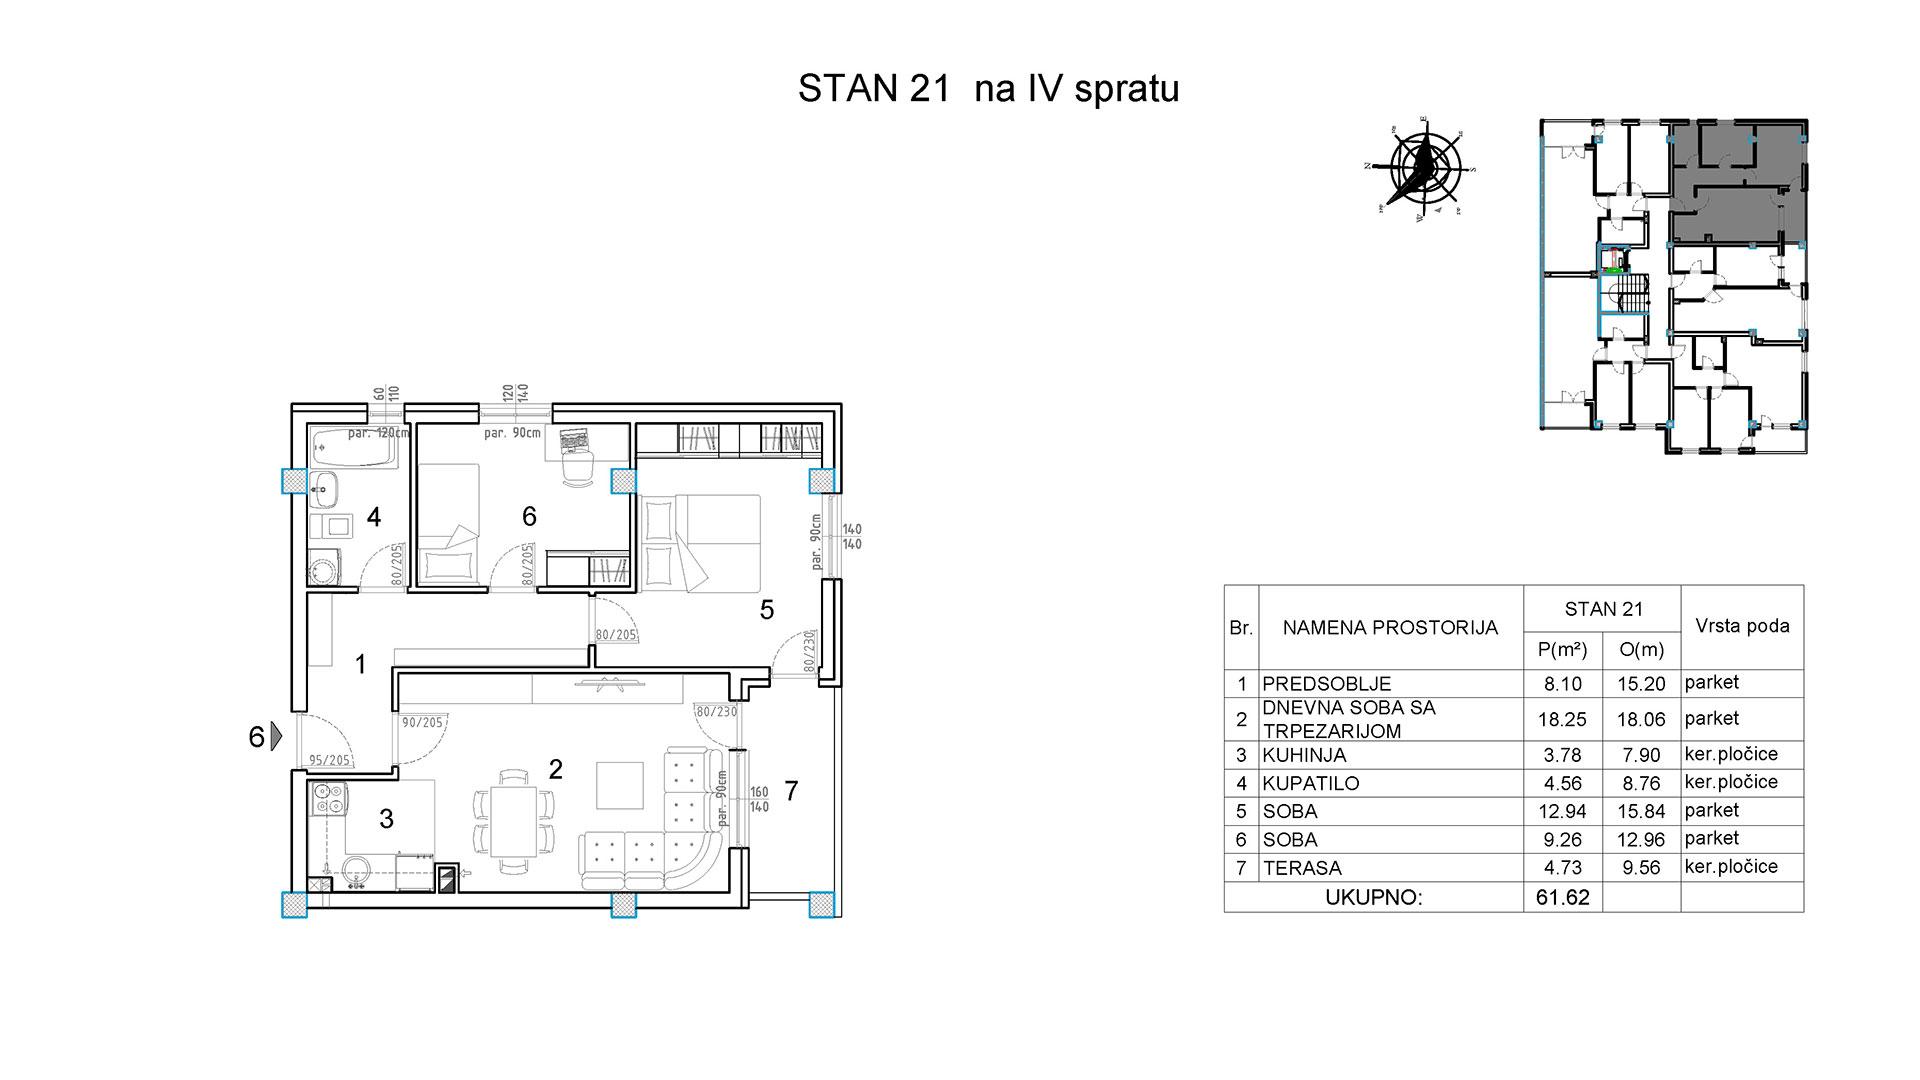 Objekat u Borivoja Stevanovica bb - Stan 21